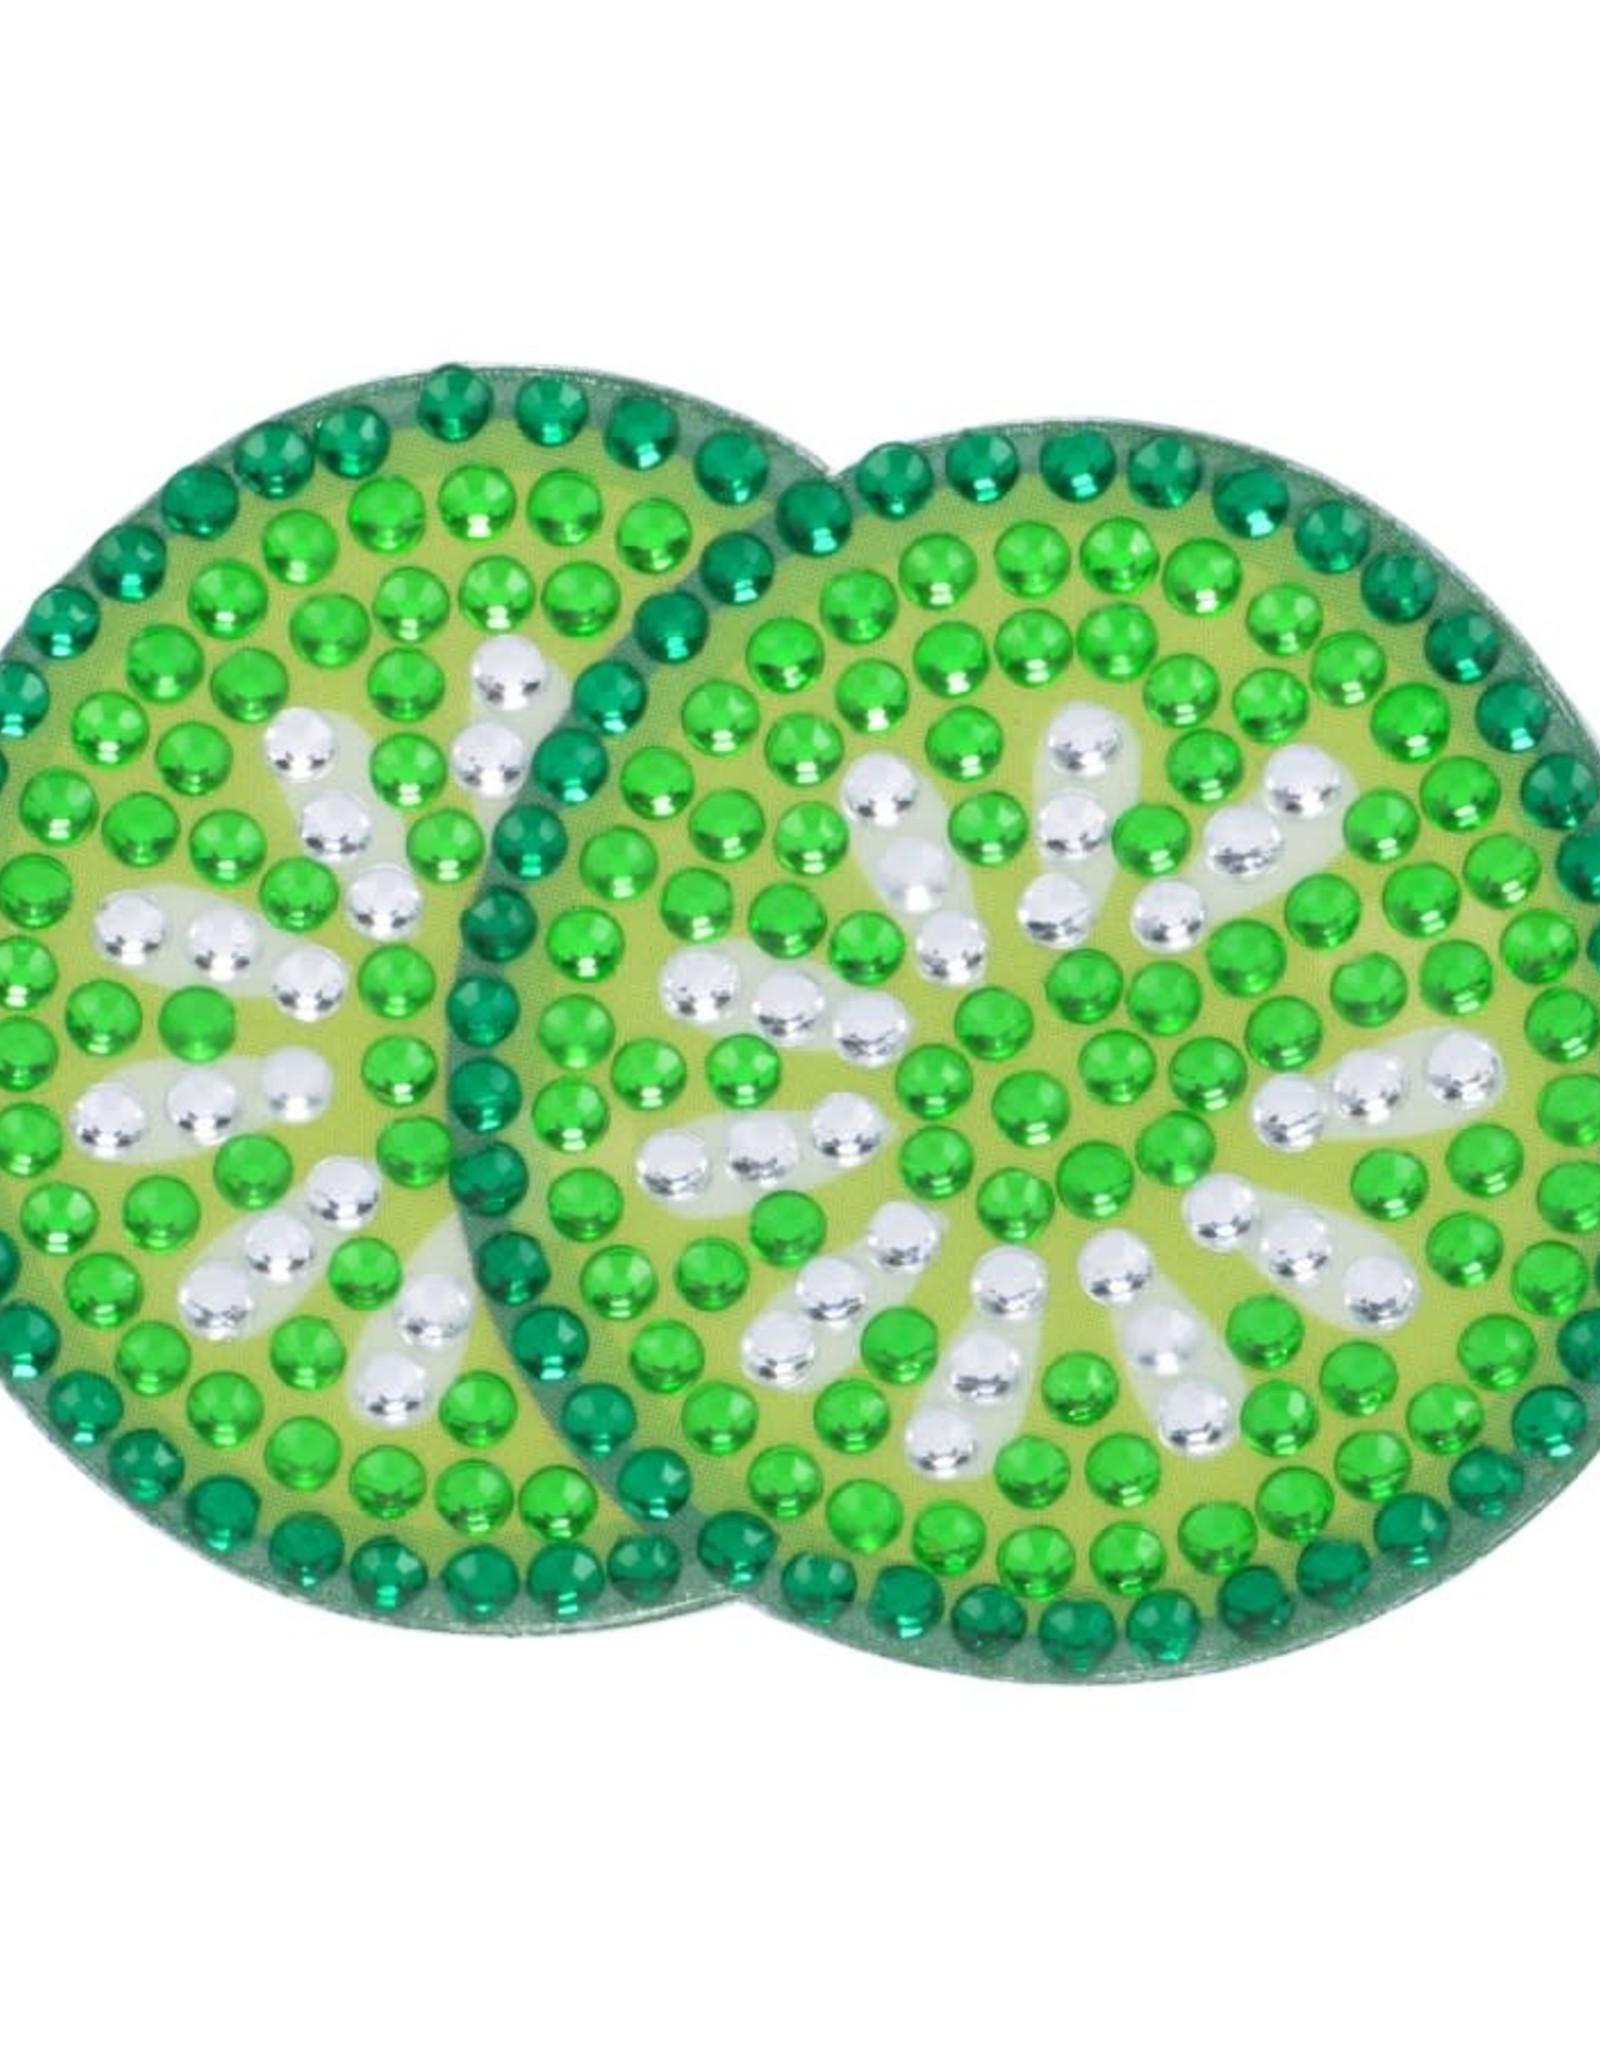 Sticker Beans Sticker Beans Cucumbers